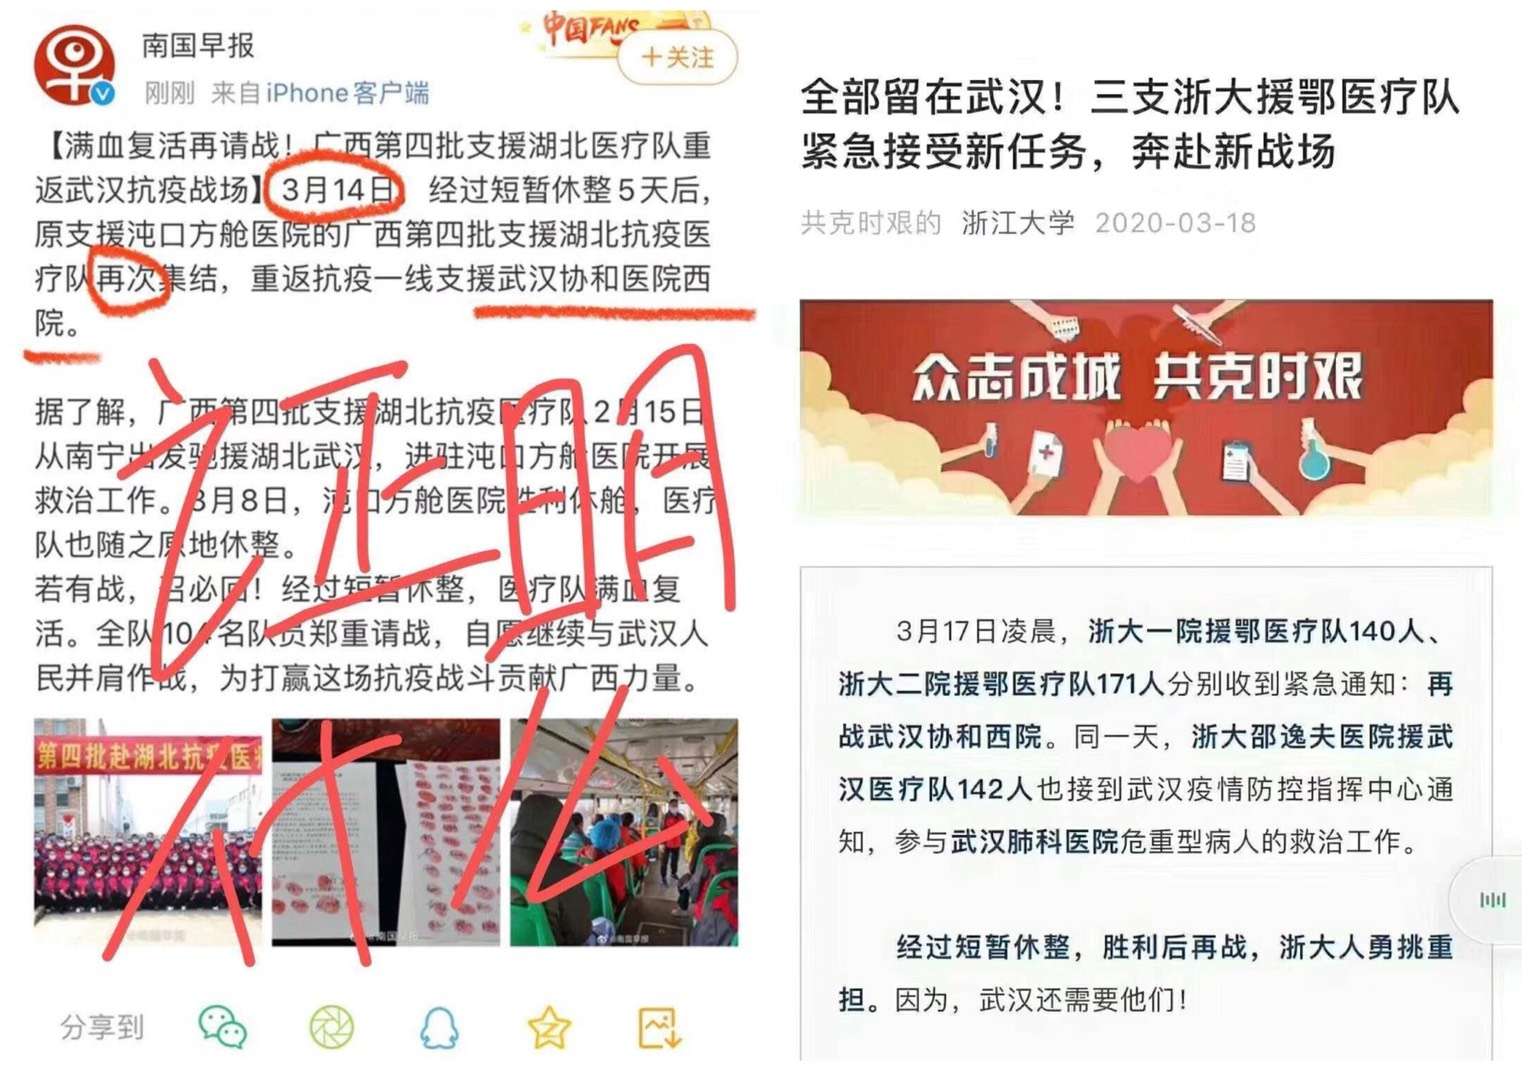 浙江廣西醫療團隊緊急重返武漢抗疫一線